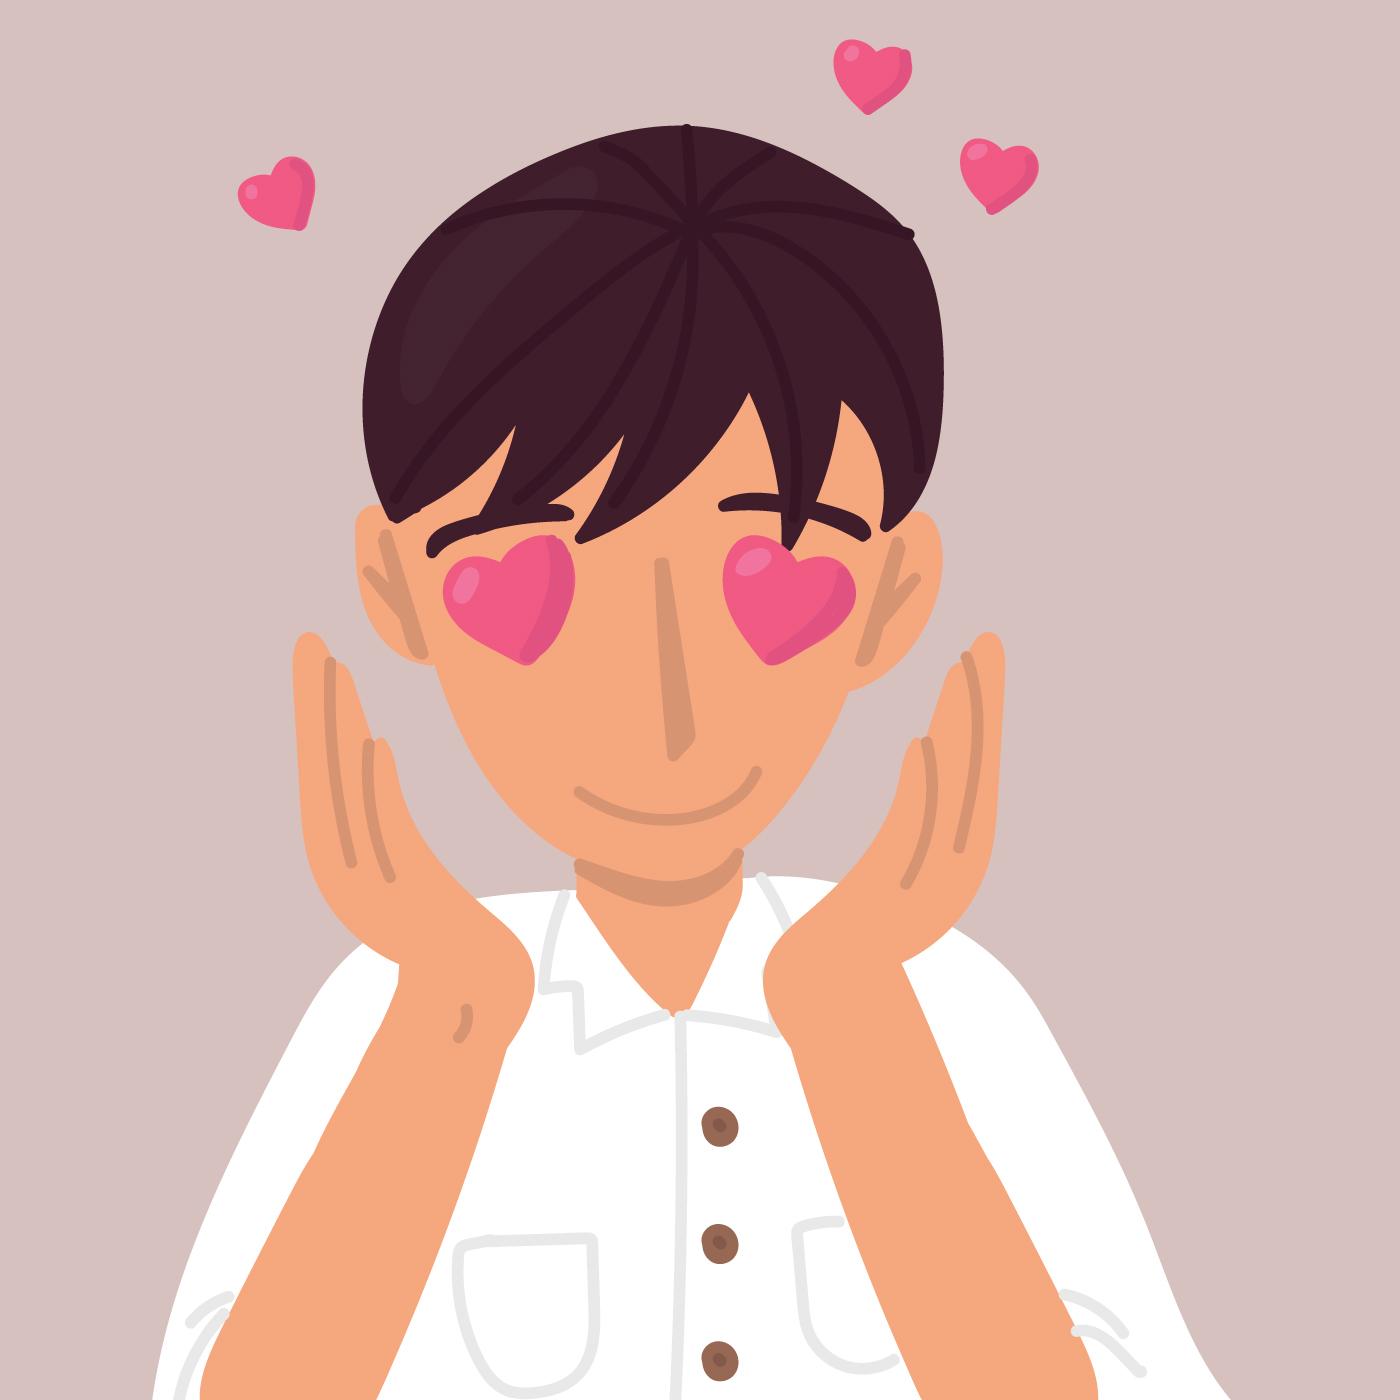 Dulce chico enamorado - Descargar Vectores Gratis